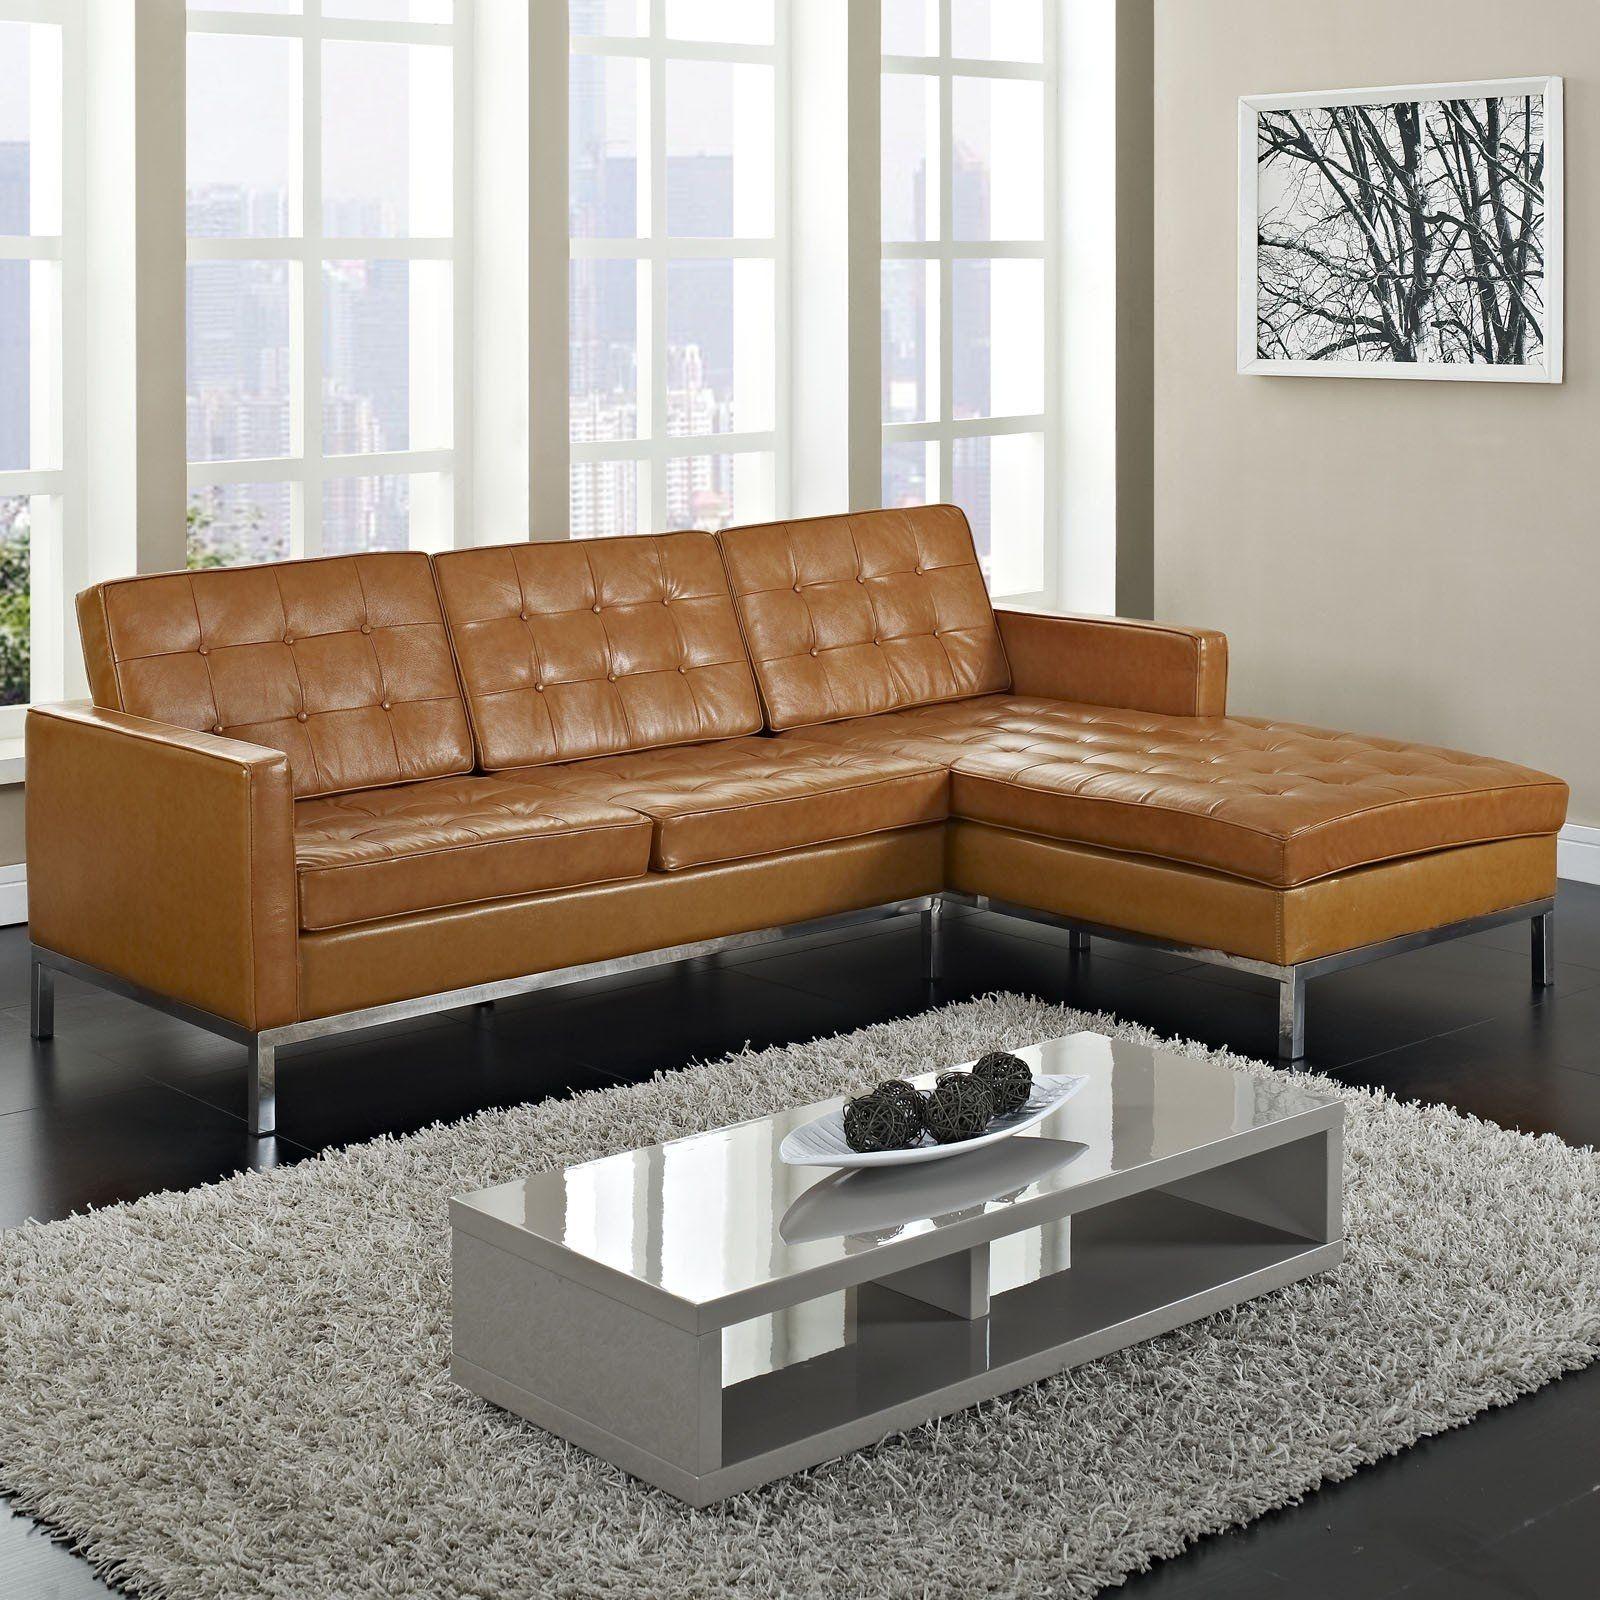 Awesome Oversized Leather Sofa , Luxury Oversized Leather Sofa 75 Office  Sofa Ideas With Oversized Leather Sofa , Http://sofascouch.com/oversized Lu2026